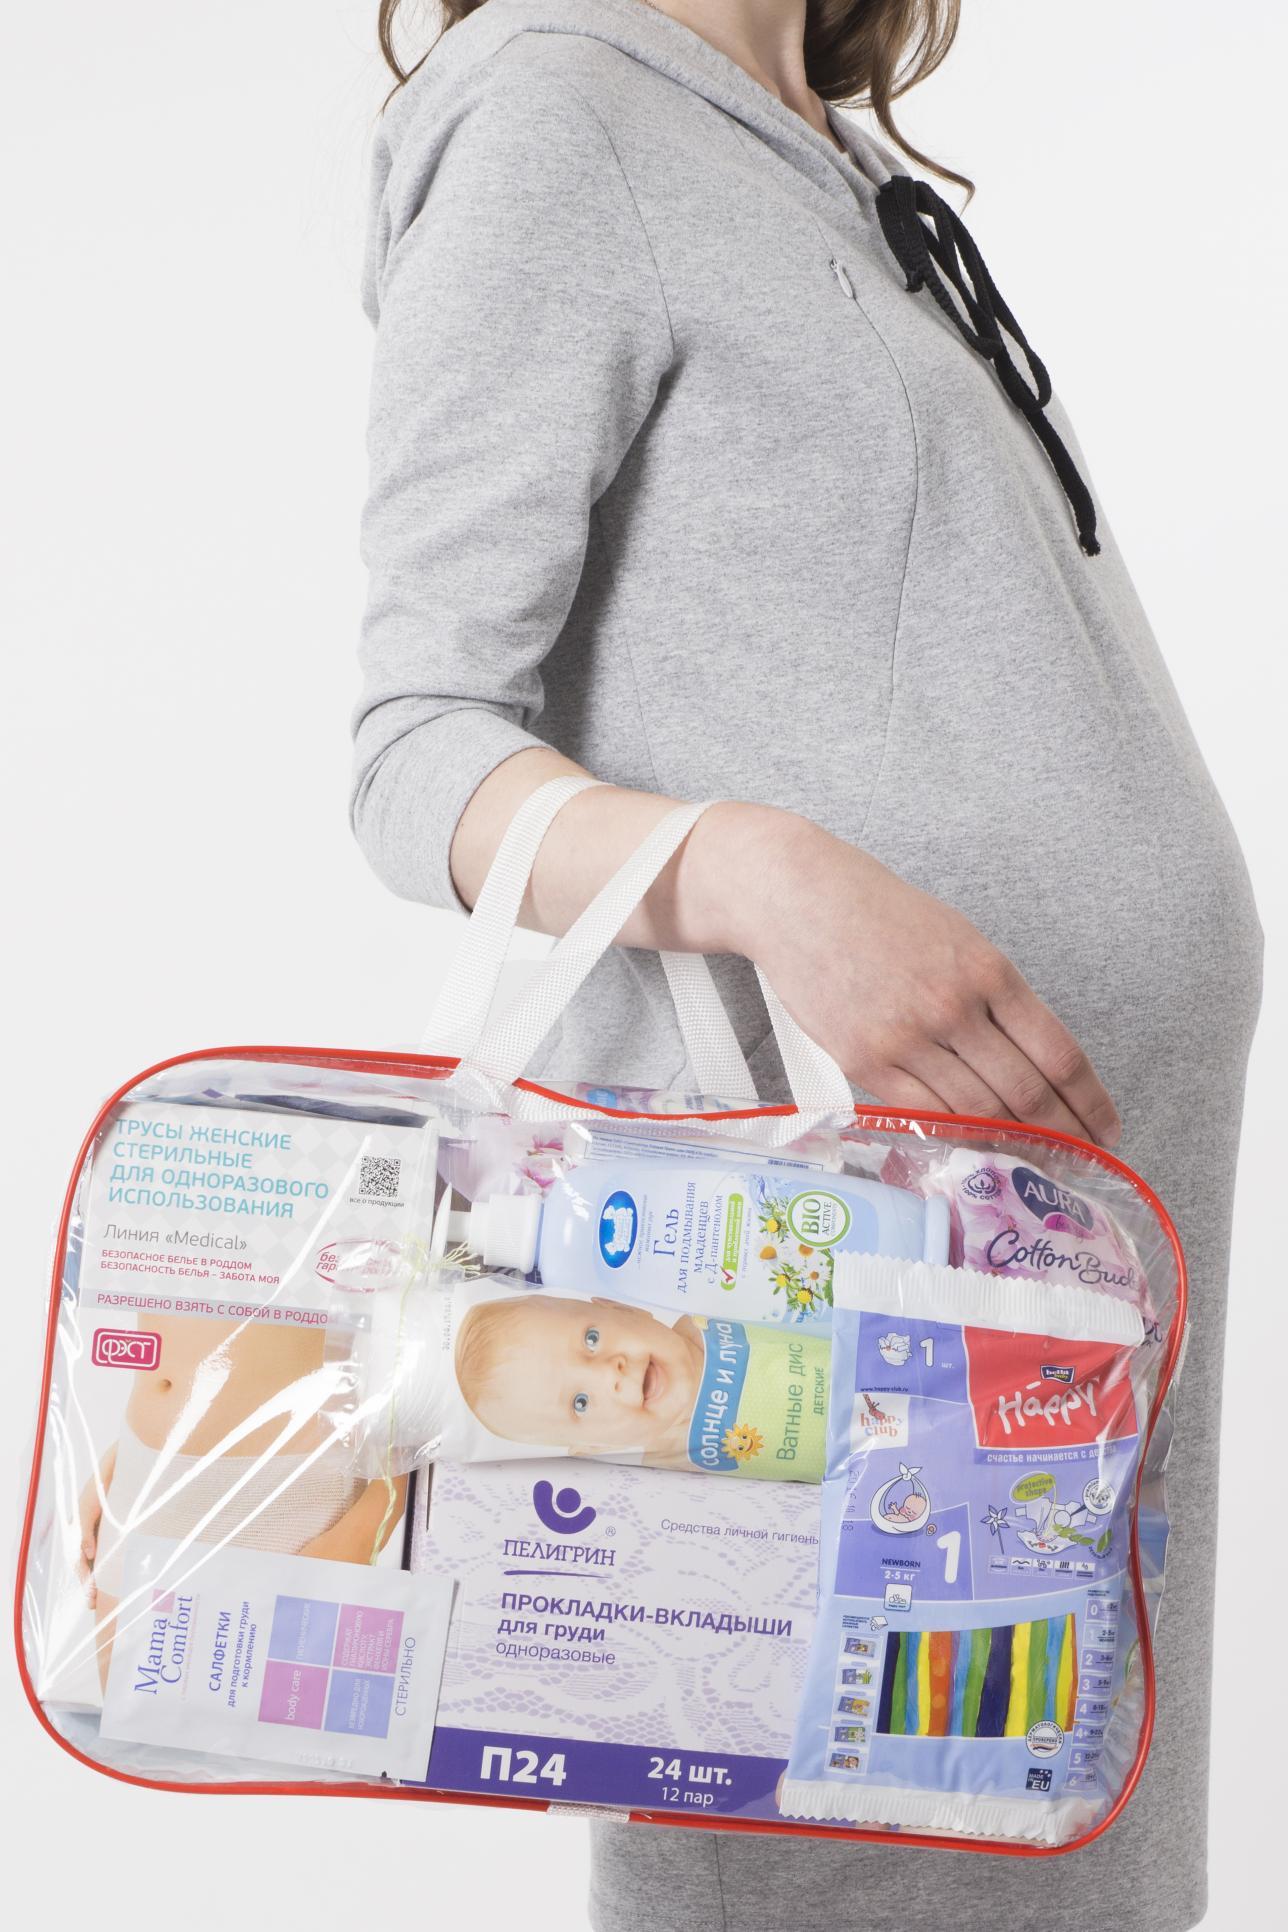 Готовые сумки в роддом для беременных через интернет